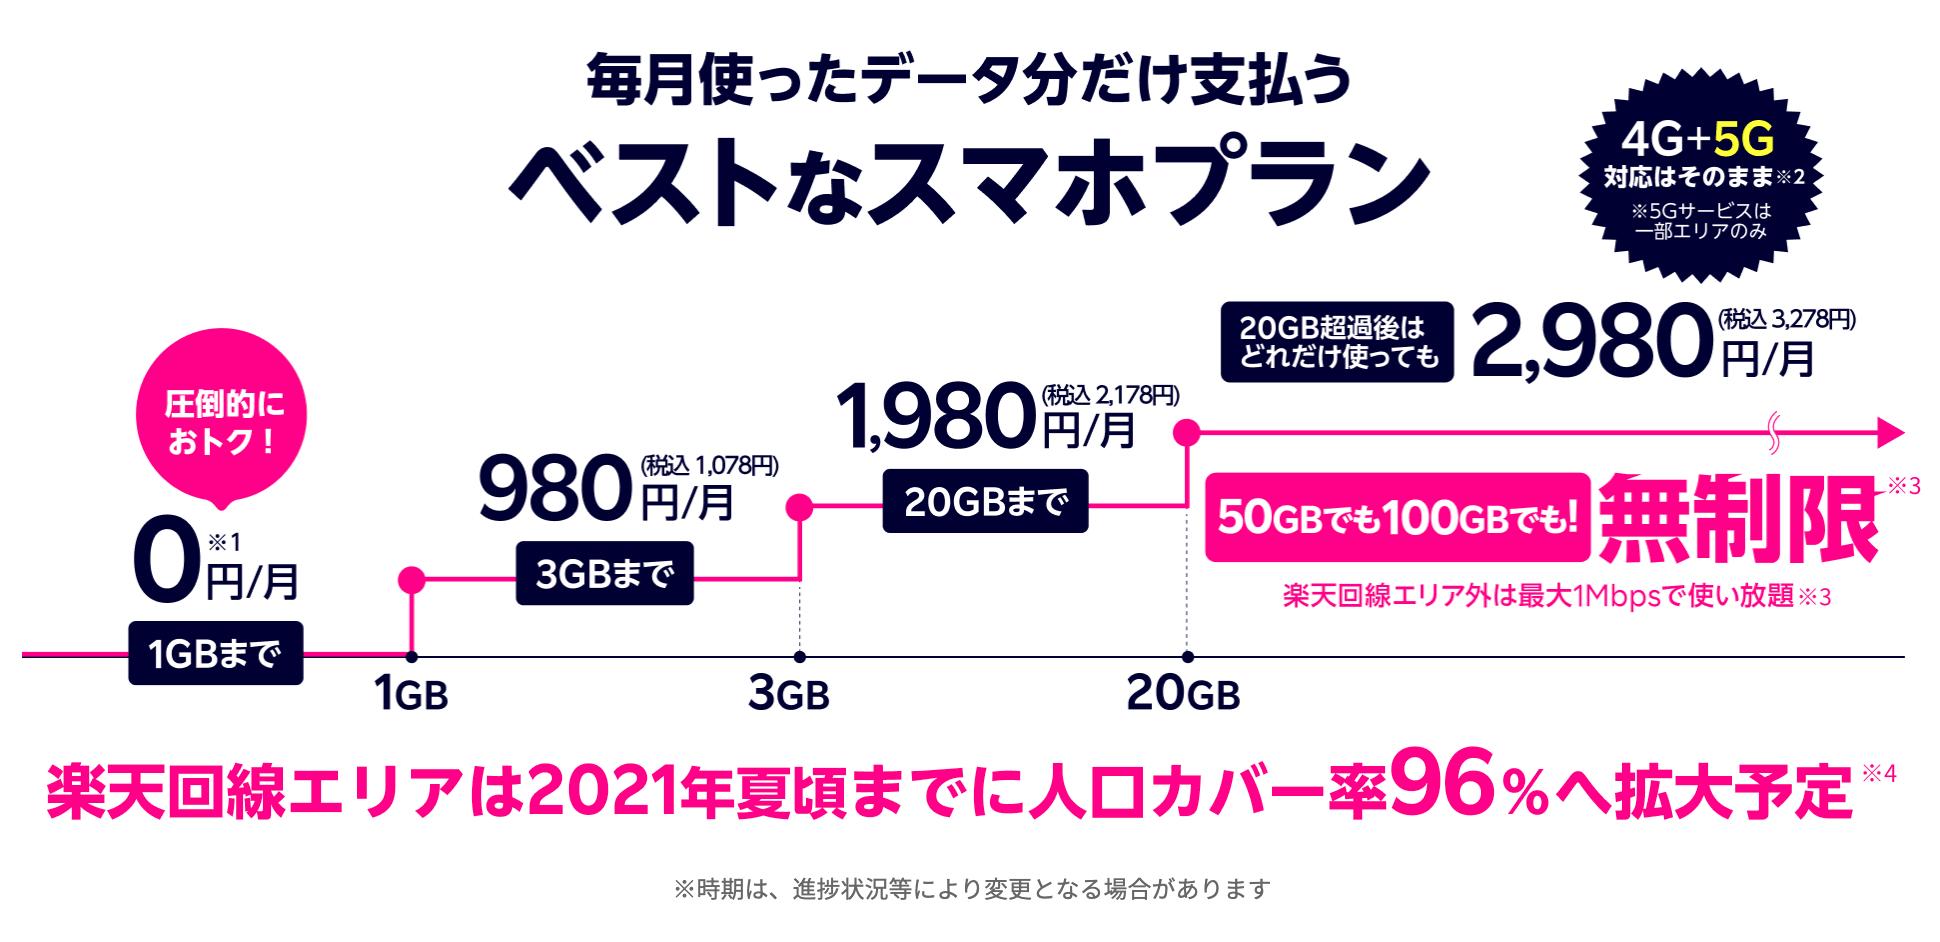 楽天モバイル_通信速度_データ容量_月額料金